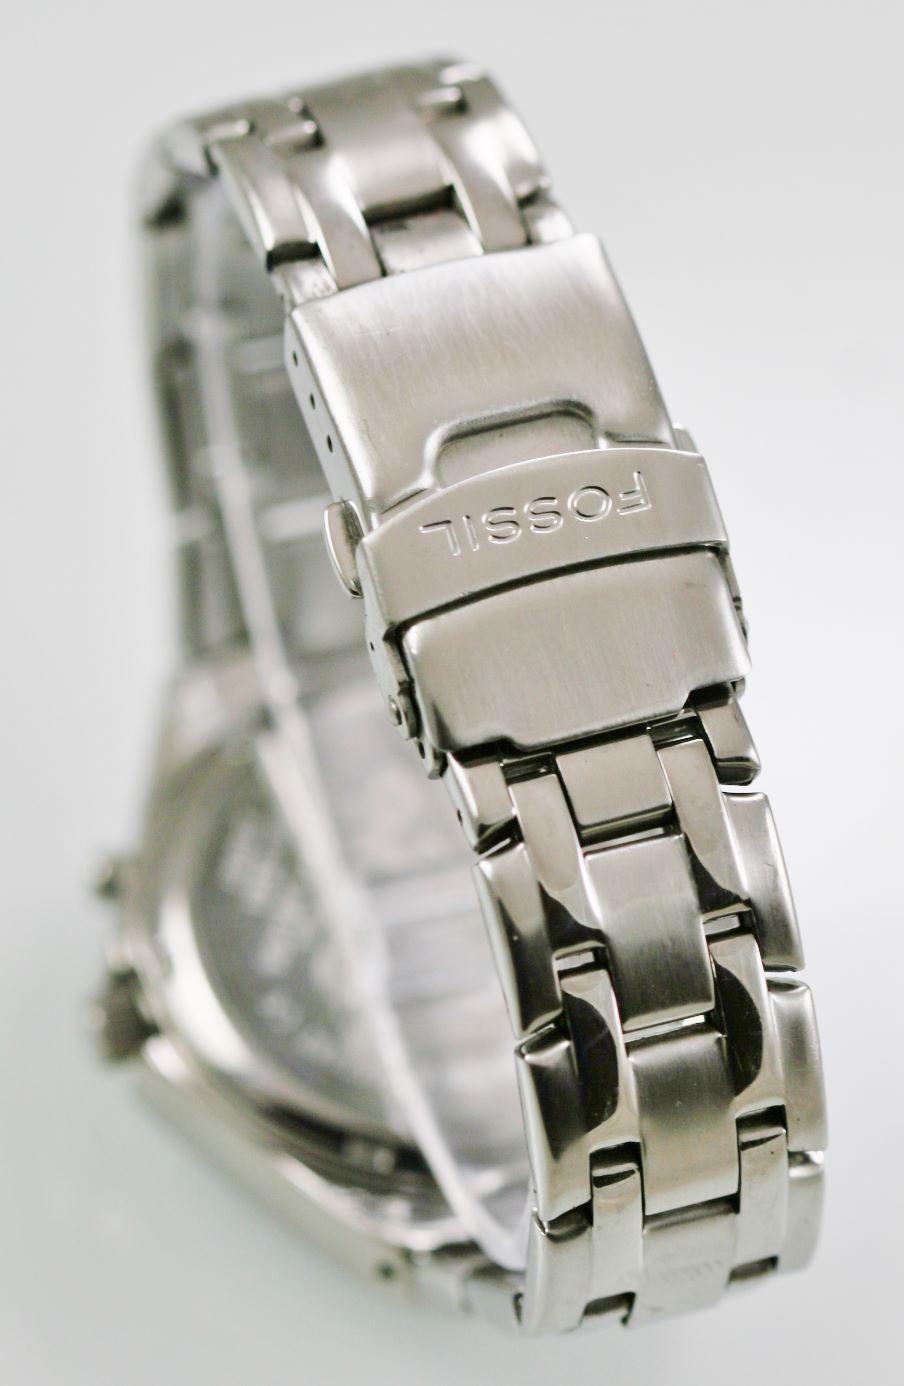 48185d676002 Fossil Reloj Hombre Acero Inoxidable Plata Resistente Al Agua 100m ...